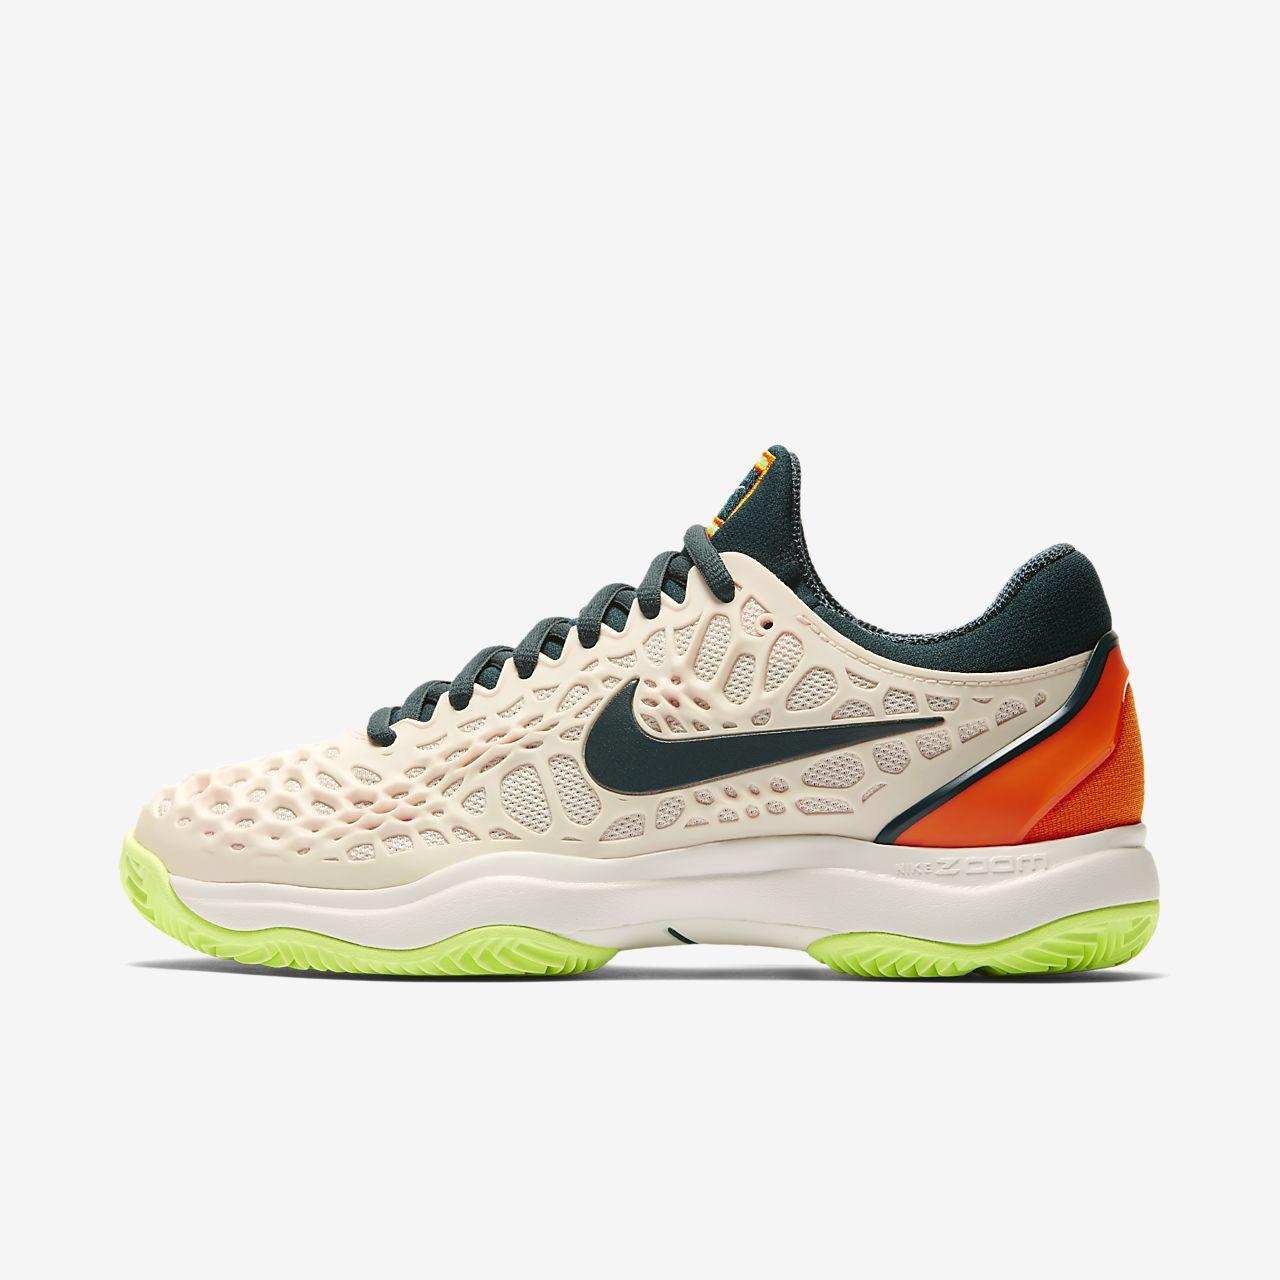 57857054e876 Chaussure de tennis Nike Zoom Cage 3 Clay pour Femme. Nike.com FR